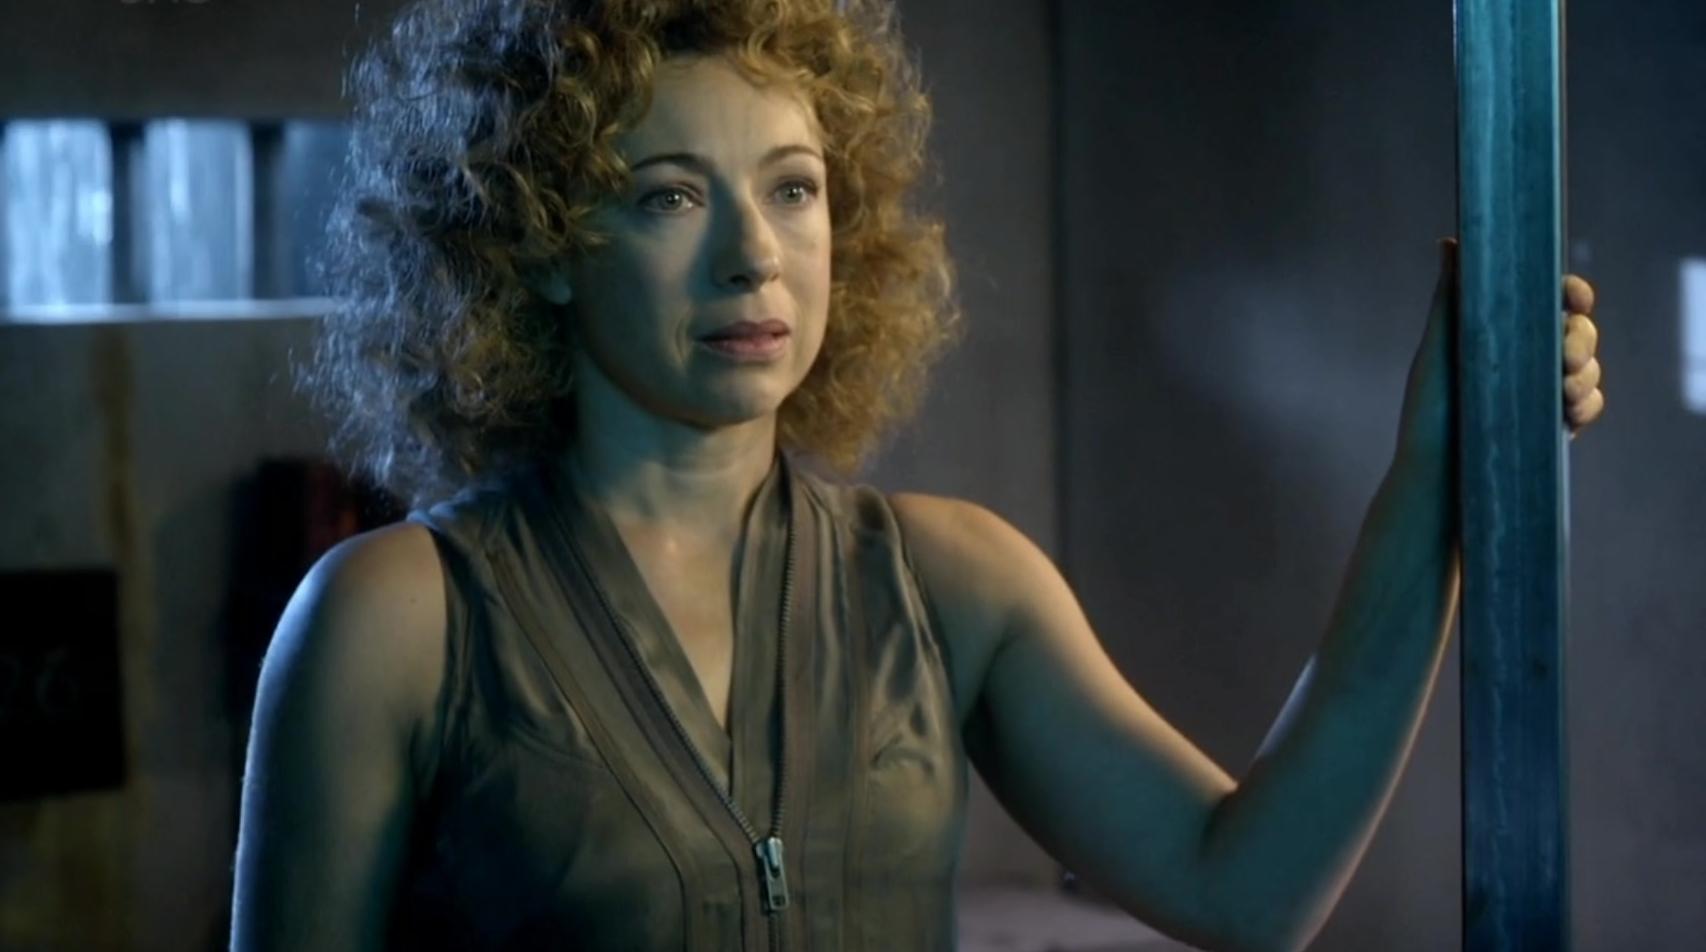 Кто теперь Доктор Кто? Правда ли финал 12 сезона обрушил канон сериала 8